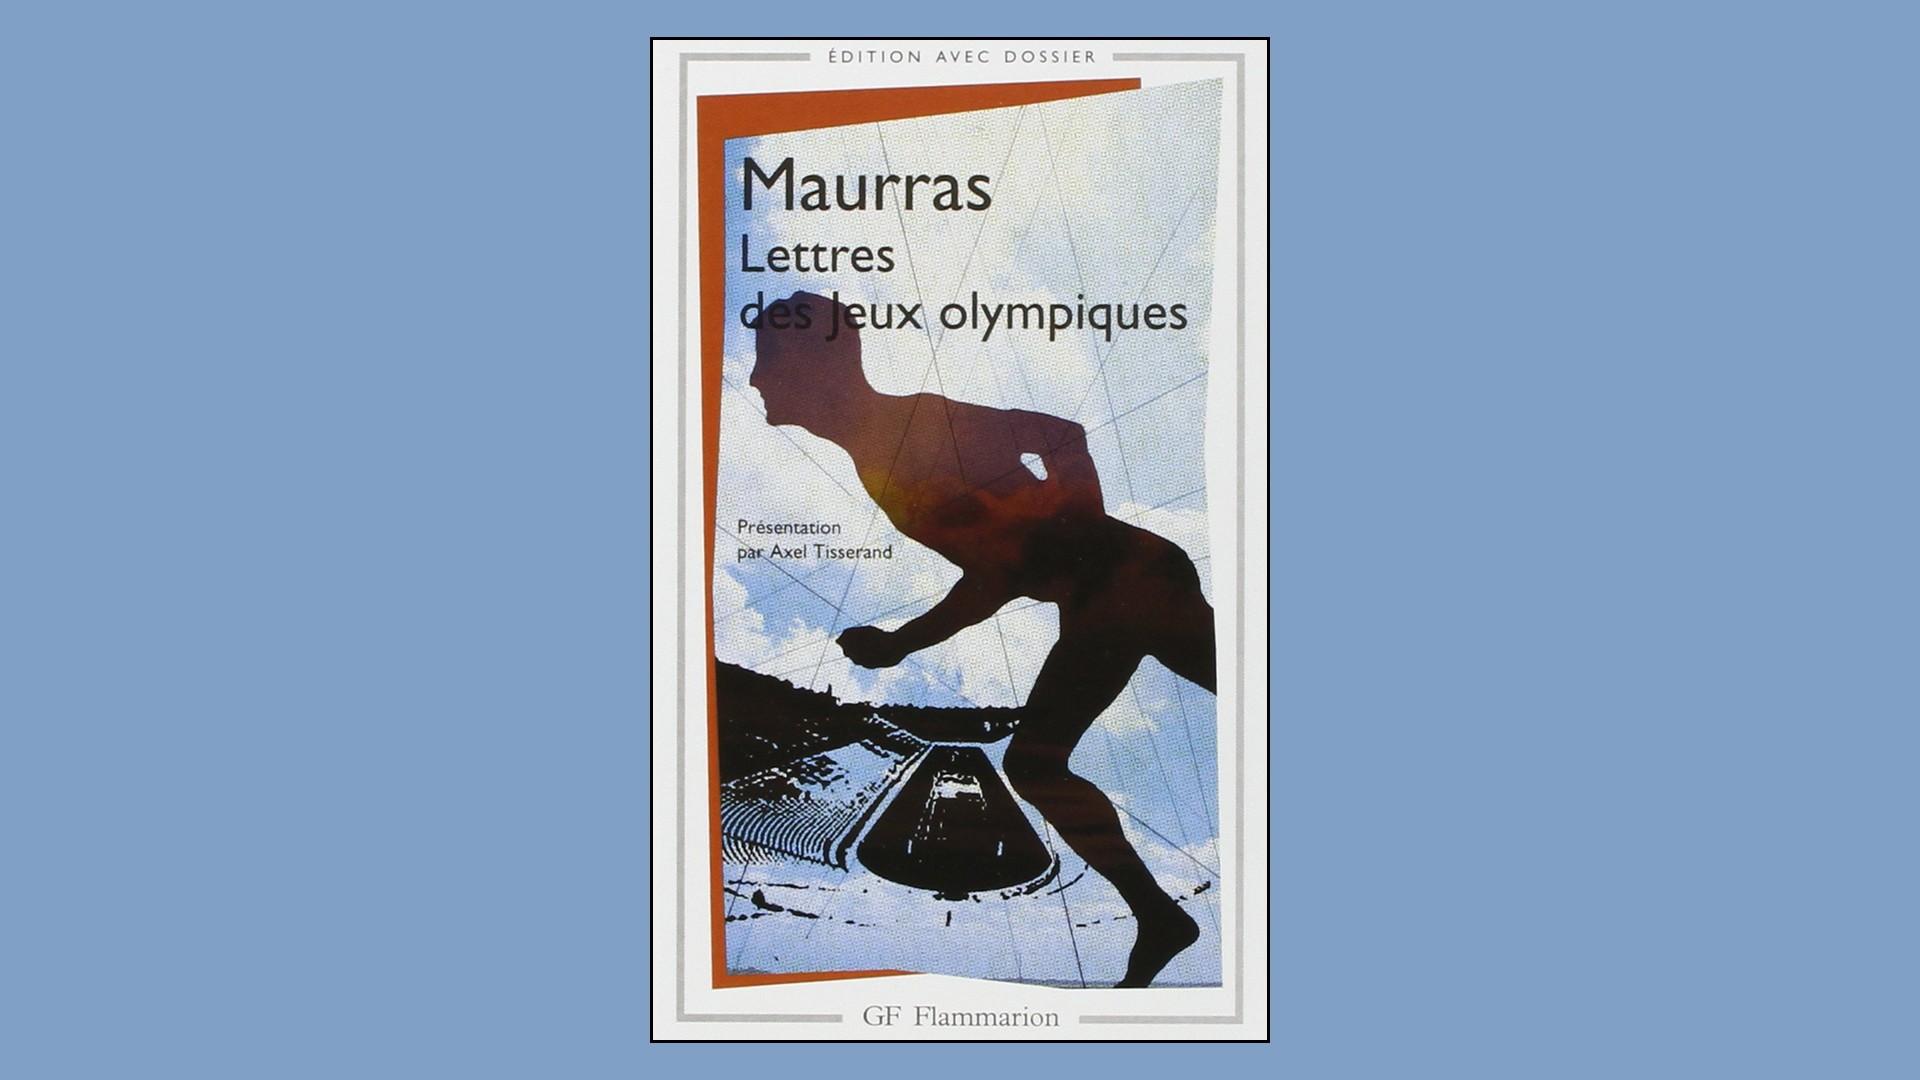 Livres – Lettres des Jeux olympiques – Charles Maurras